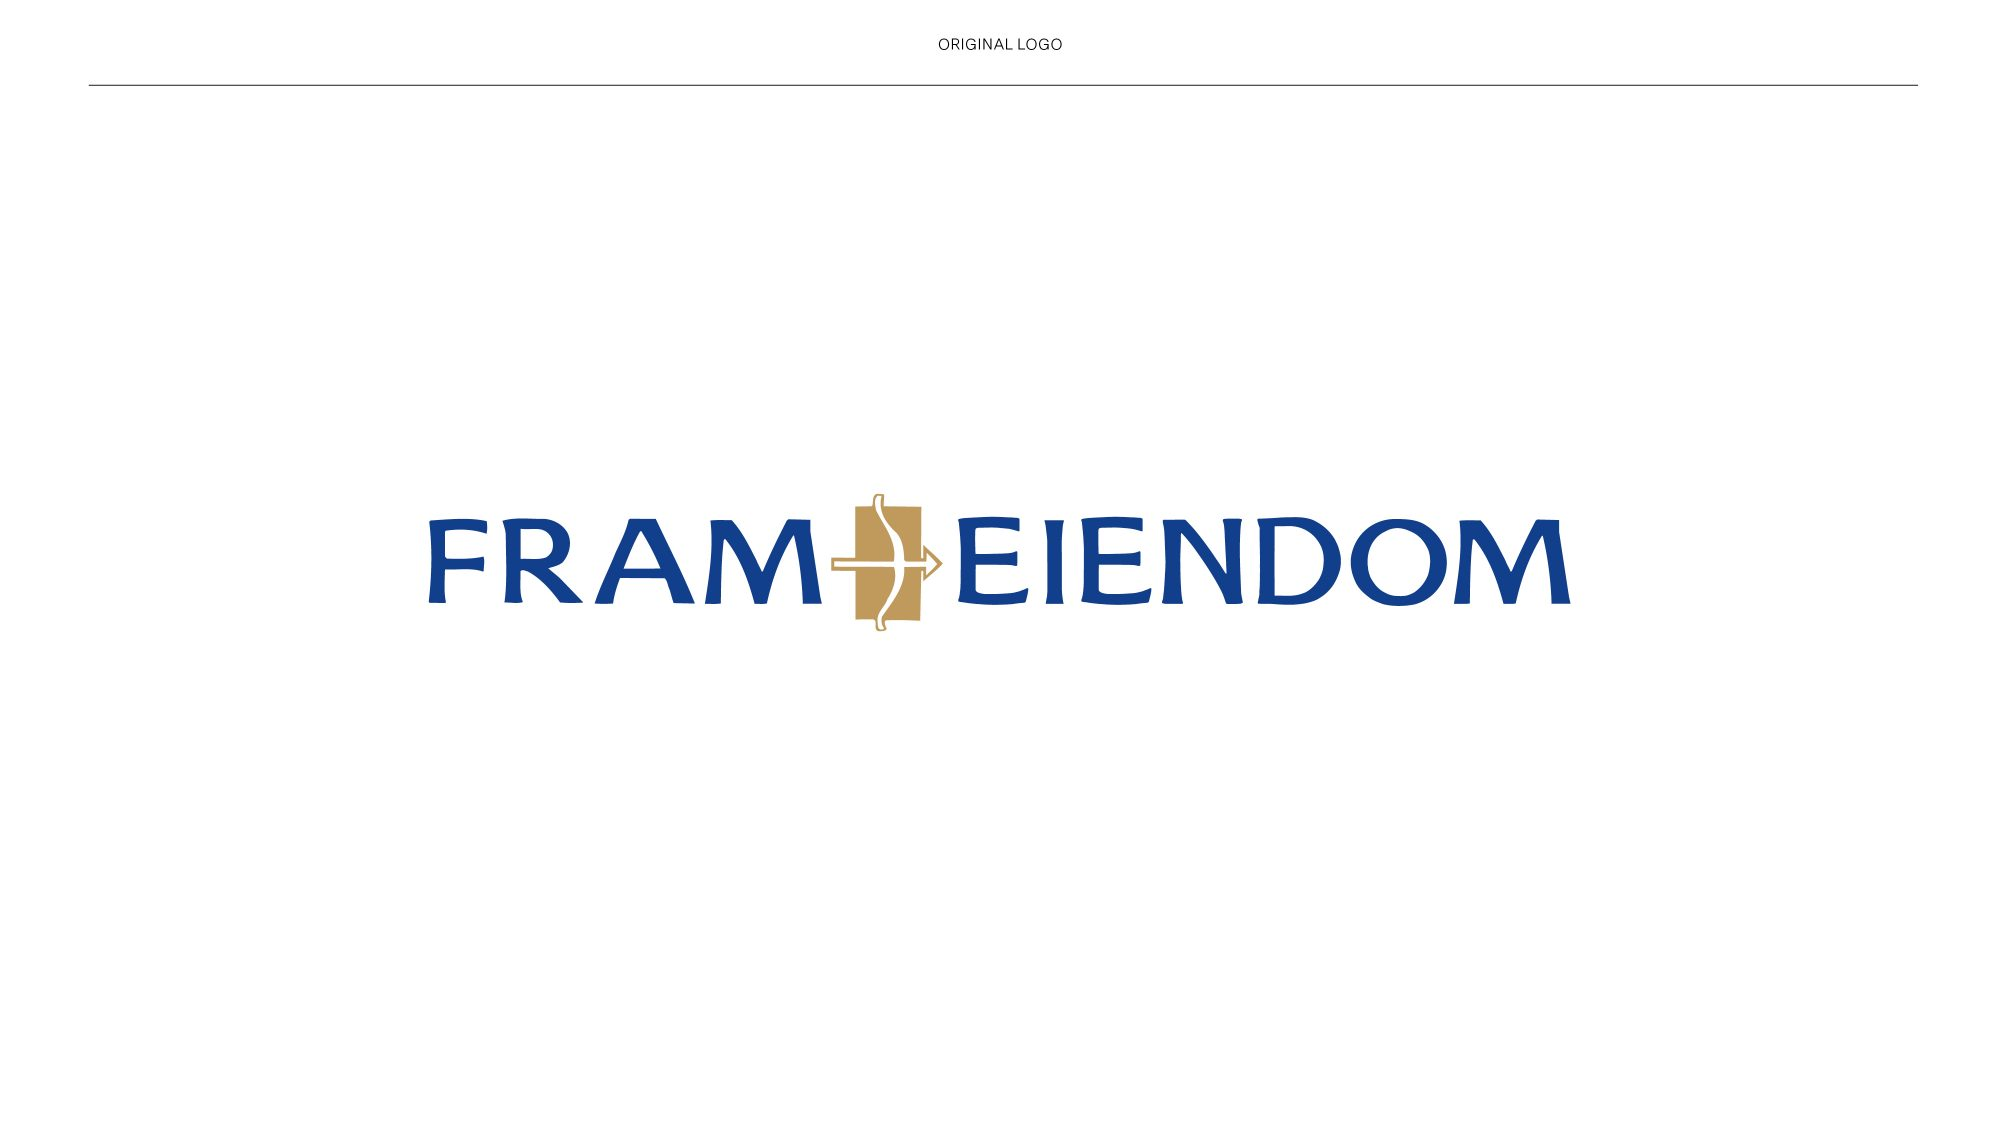 Fram_Eiendom_presentasjon2